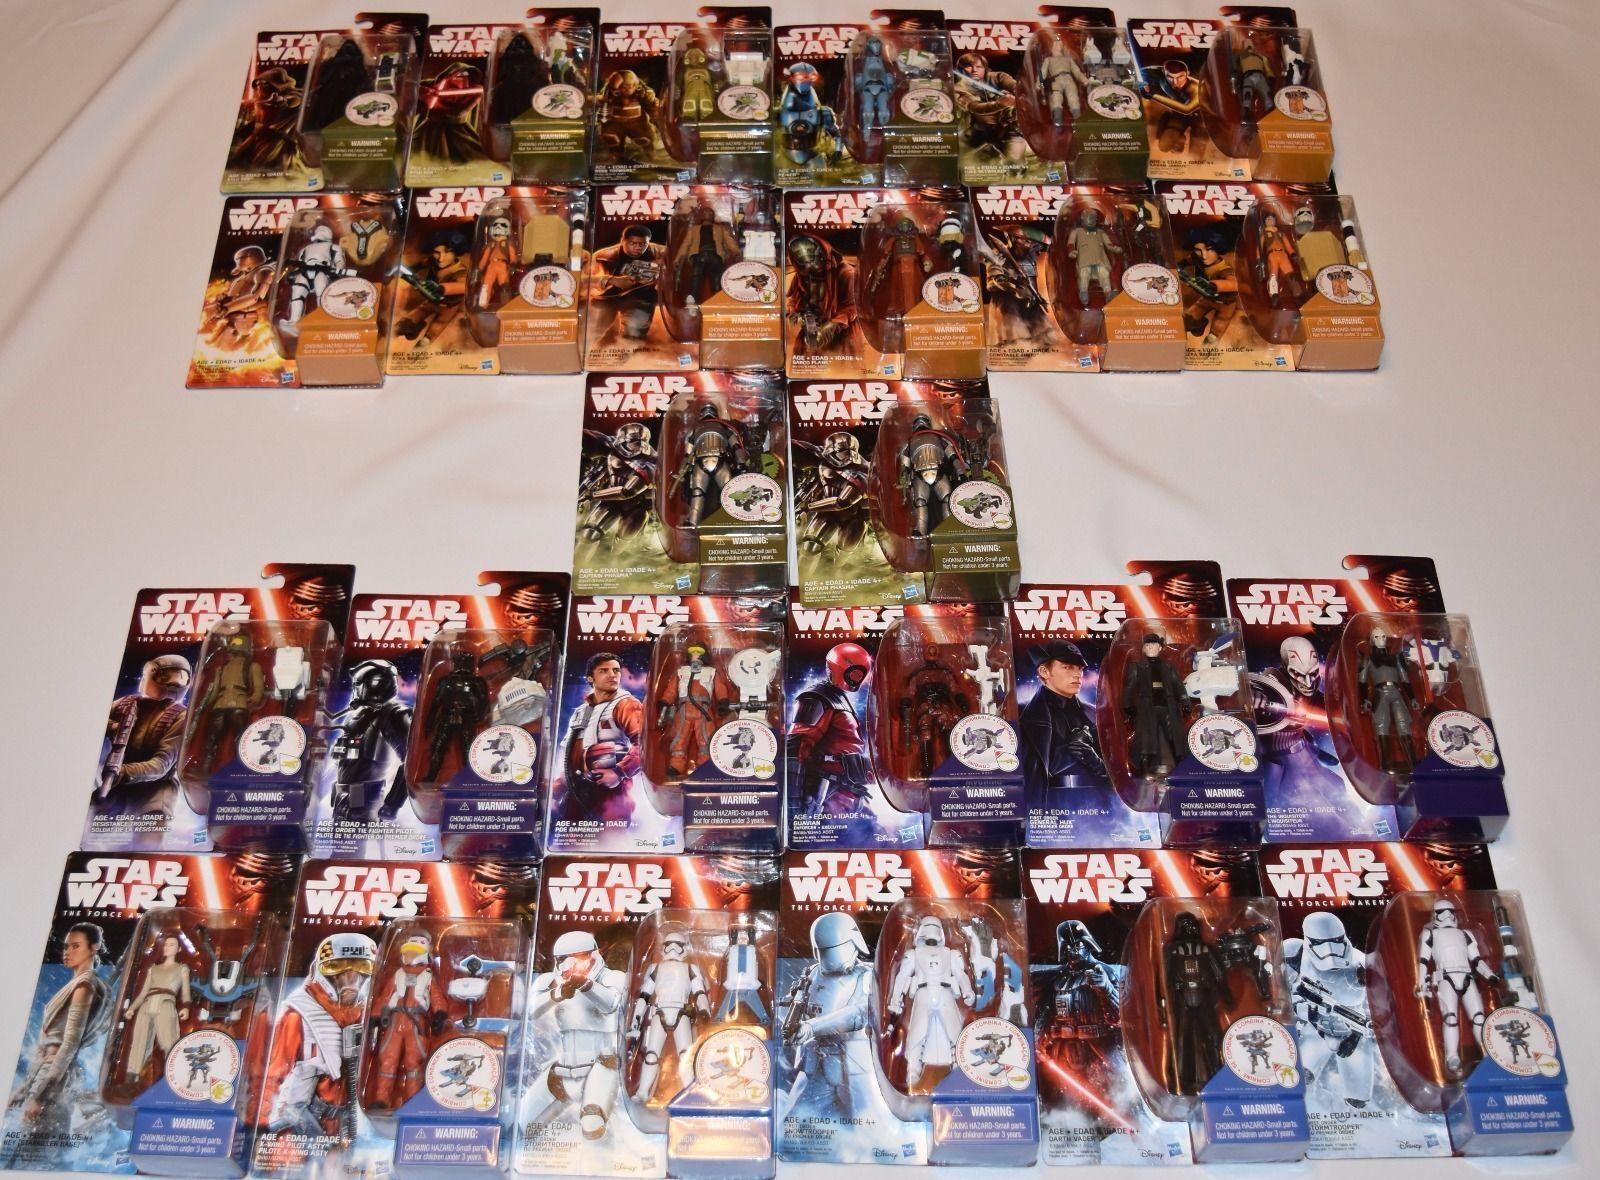 Star Wars Force Réveille 3 3 4 3.75 complet Master Set 26 figures avec variantes